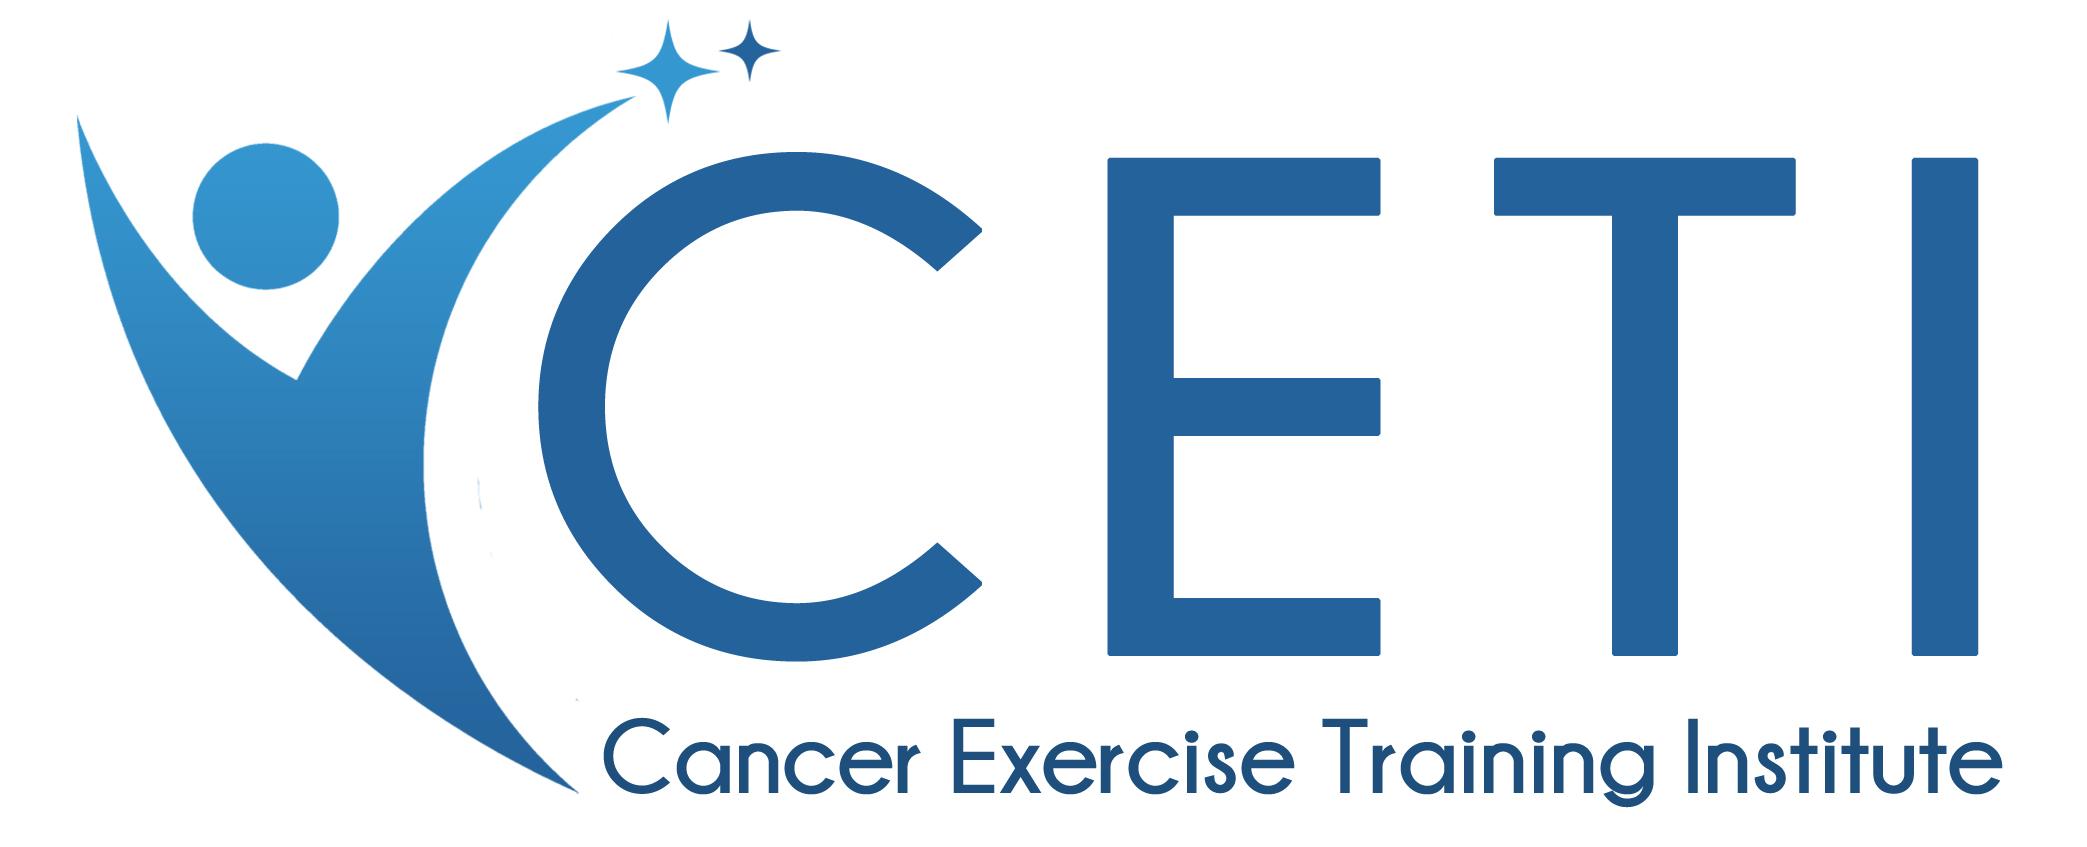 Cancer Exercise Training Institute CETI logo